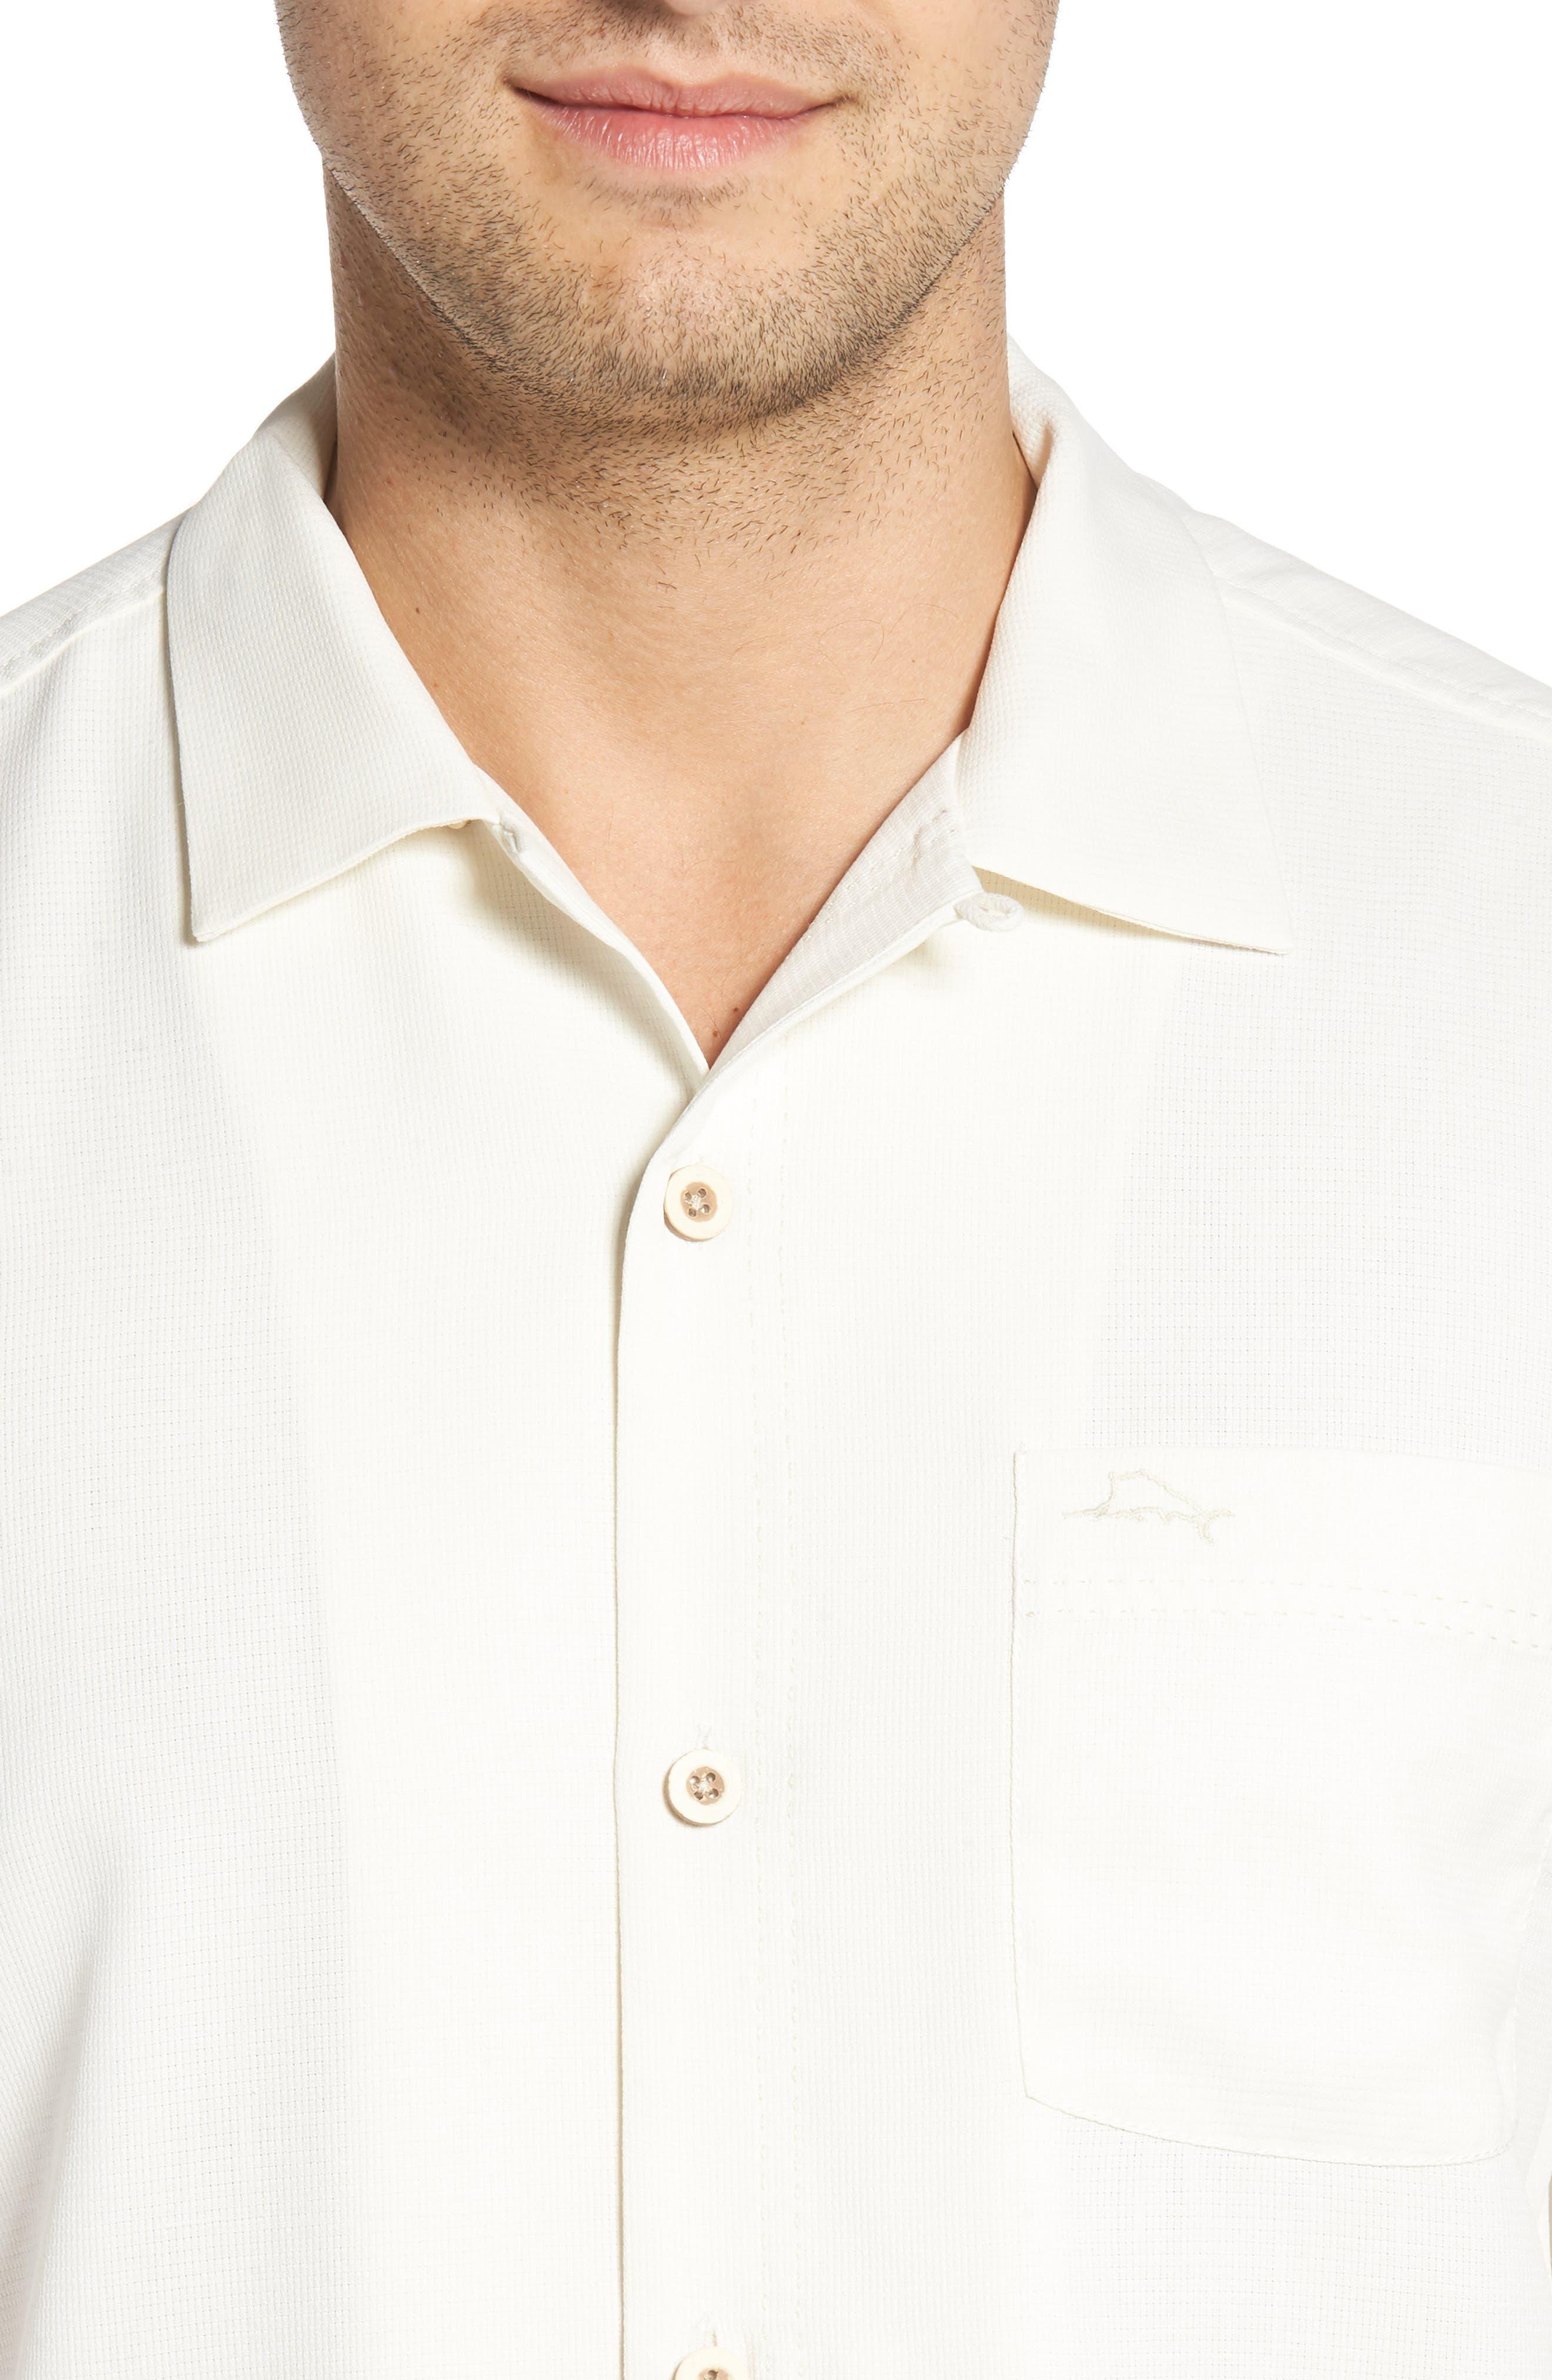 TOMMY BAHAMA,                             Royal Bermuda Silk Blend Camp Shirt,                             Alternate thumbnail 4, color,                             CONTINENTAL